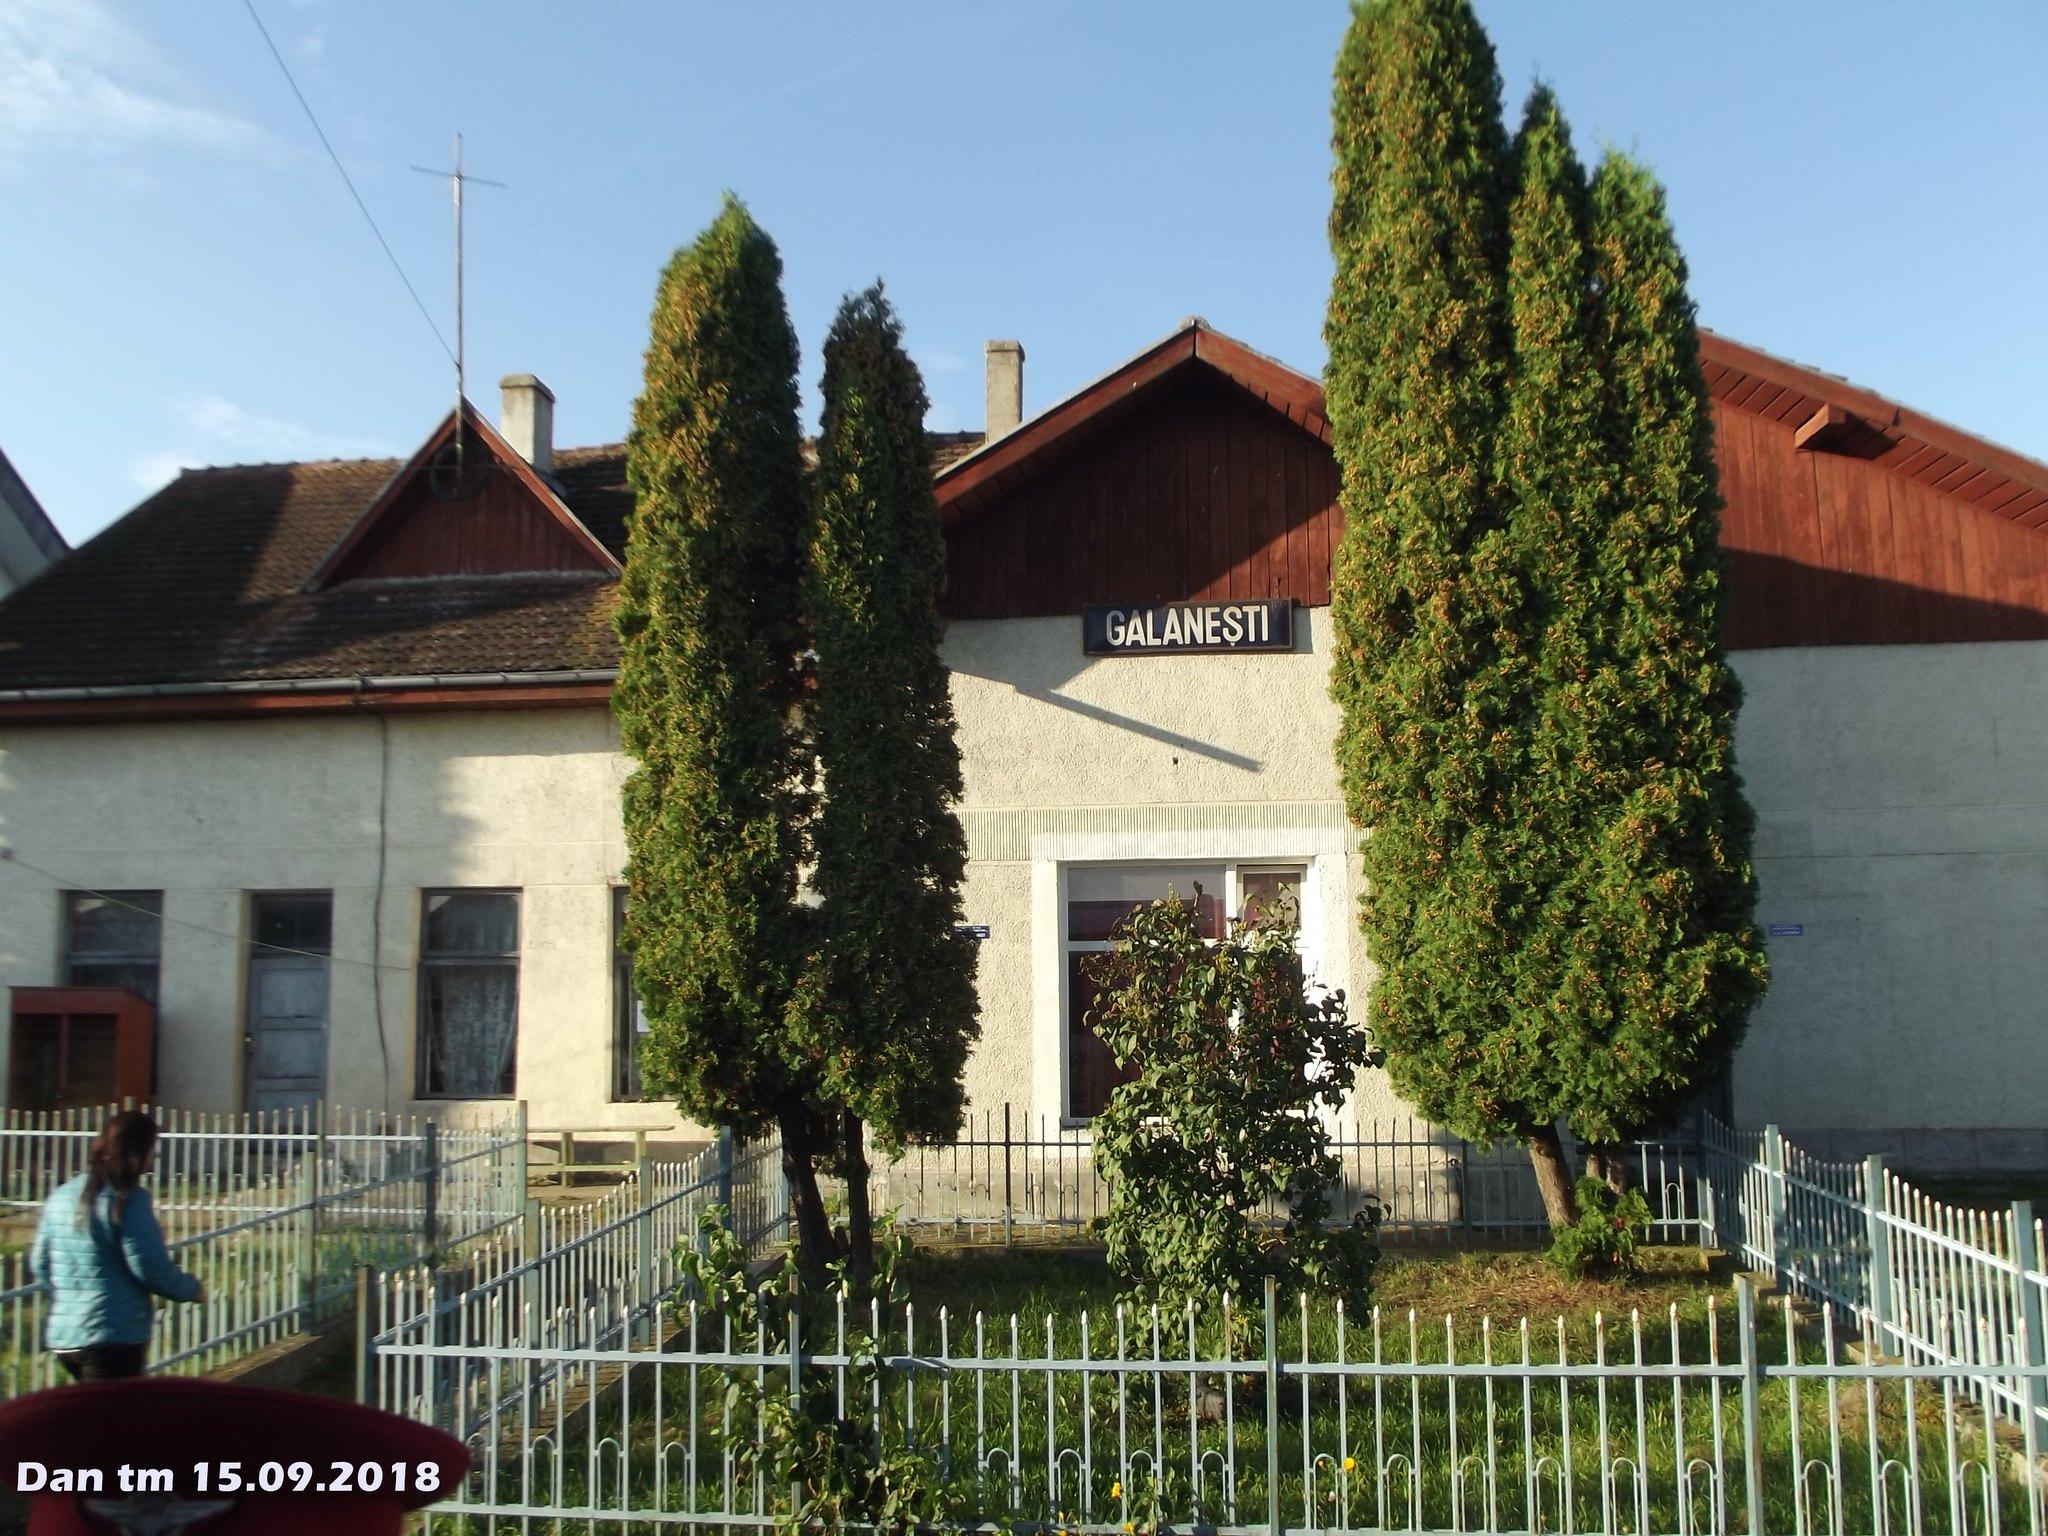 515 : Dorneşti - Gura Putnei - (Putna) - Nisipitu - Seletin UKR - Pagina 47 44734670331_b91f71b266_k